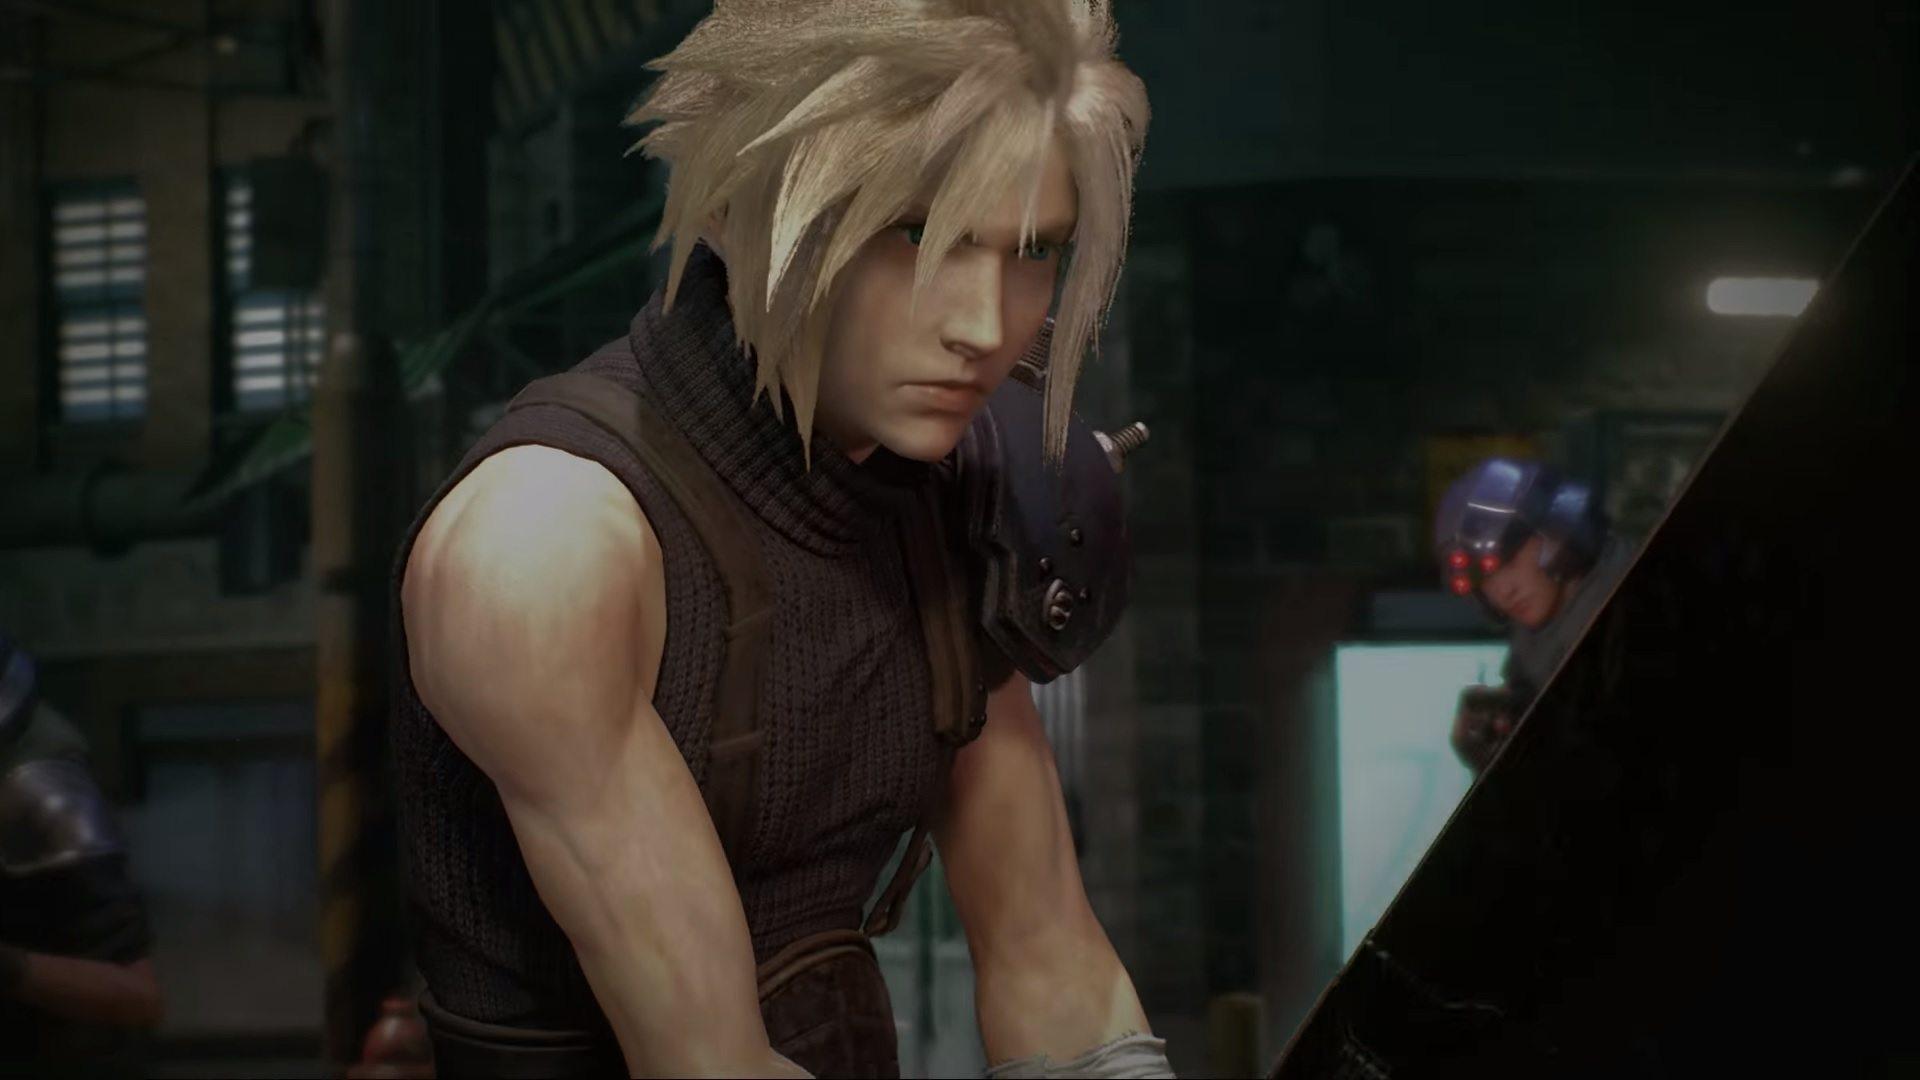 Final Fantasy VII Remake - Cloud Strife